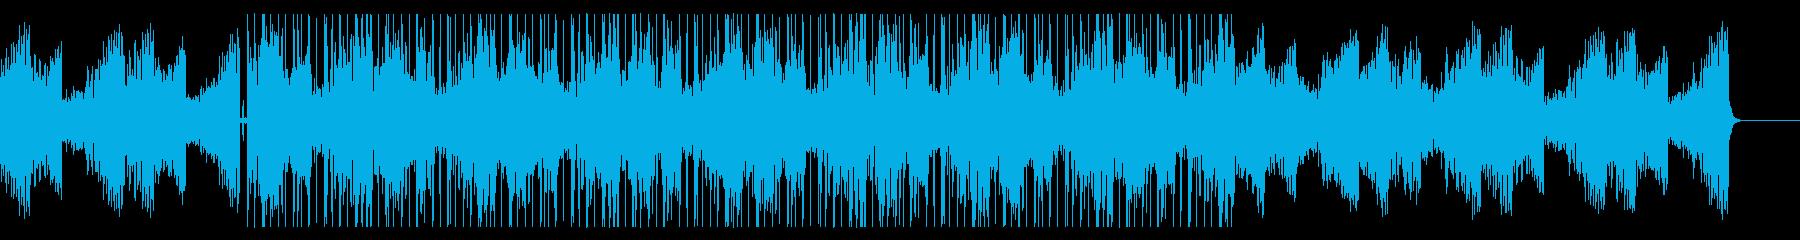 サックスソロの入ったチル・ヒップホップの再生済みの波形